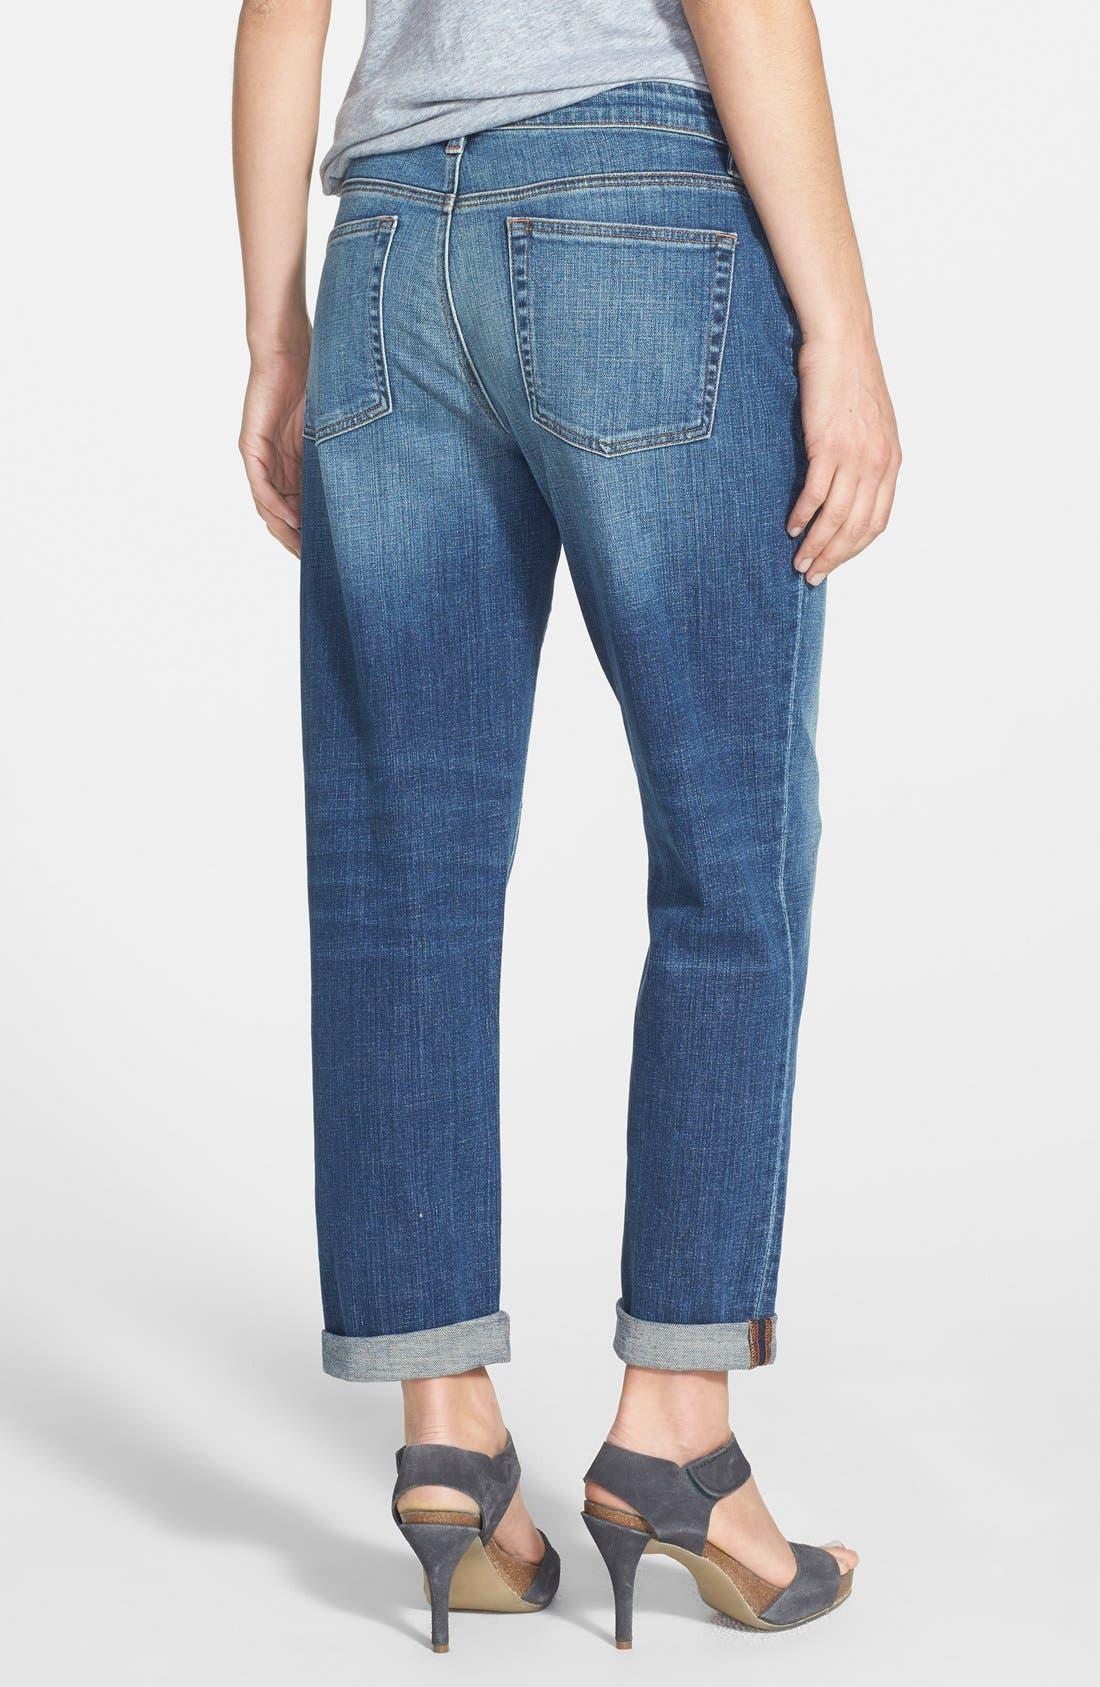 Organic Cotton Boyfriend Jeans,                             Alternate thumbnail 8, color,                             400